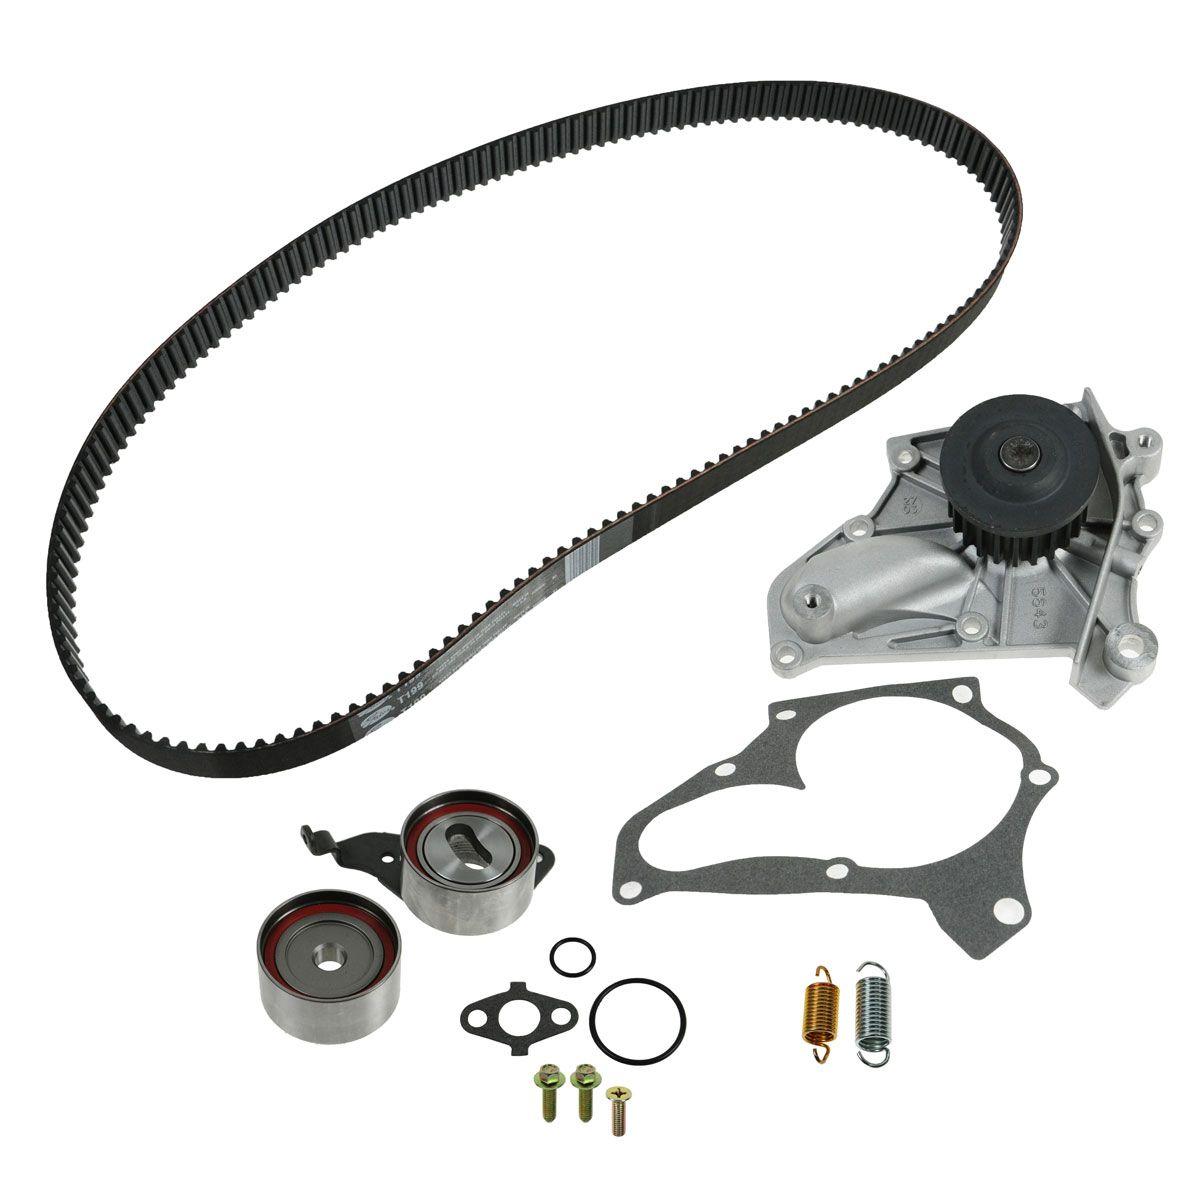 toyota timing belt 2006 toyota sienna timing belt diagram gates tckwp199 timing belt kit w water pump set for toyota #3